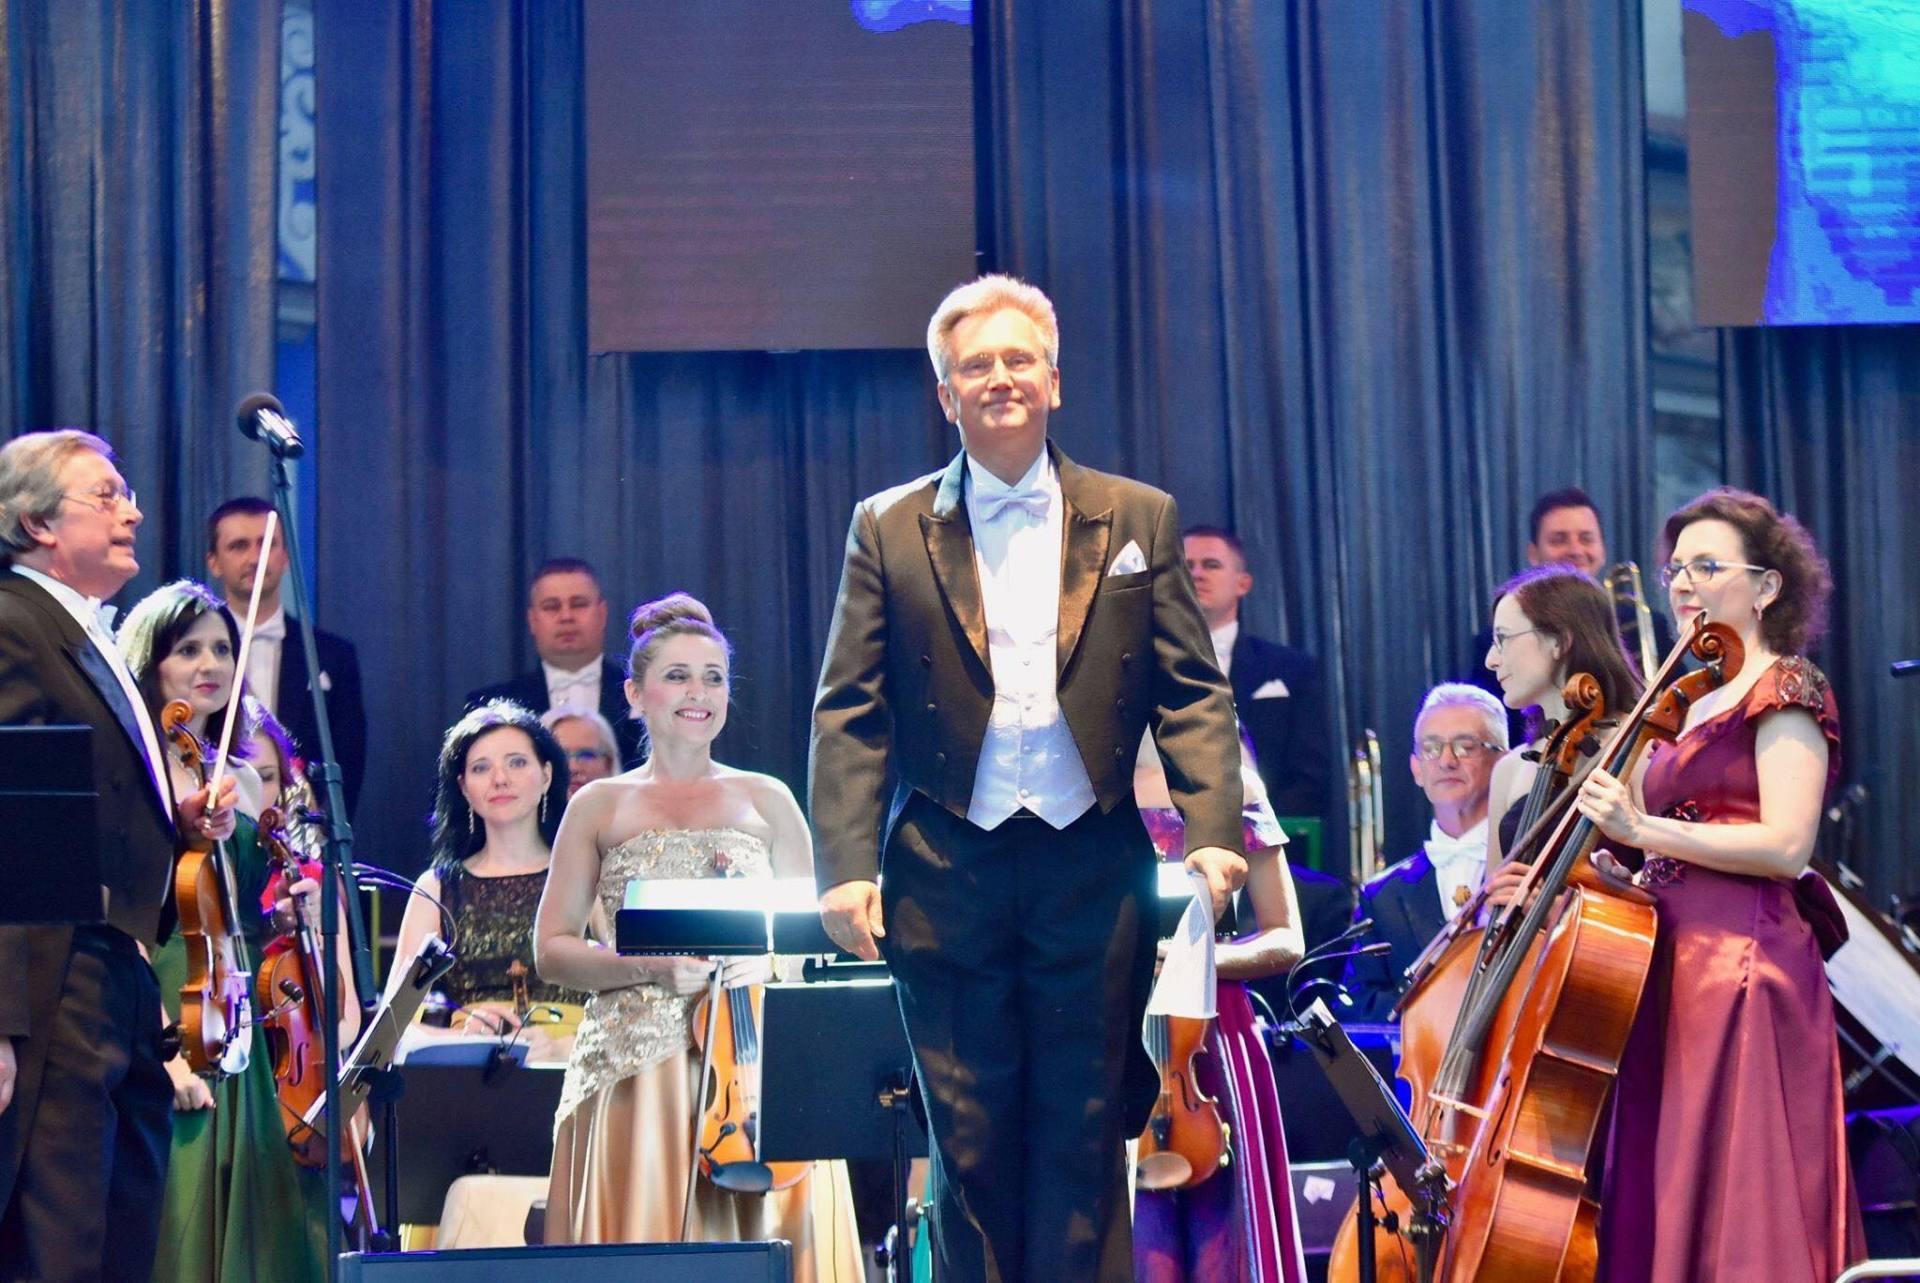 19055274 1937978186472309 9051992630087130030 o Zamojska Orkiestra zaprezentowała logo i plan jubileuszu 140-lecia